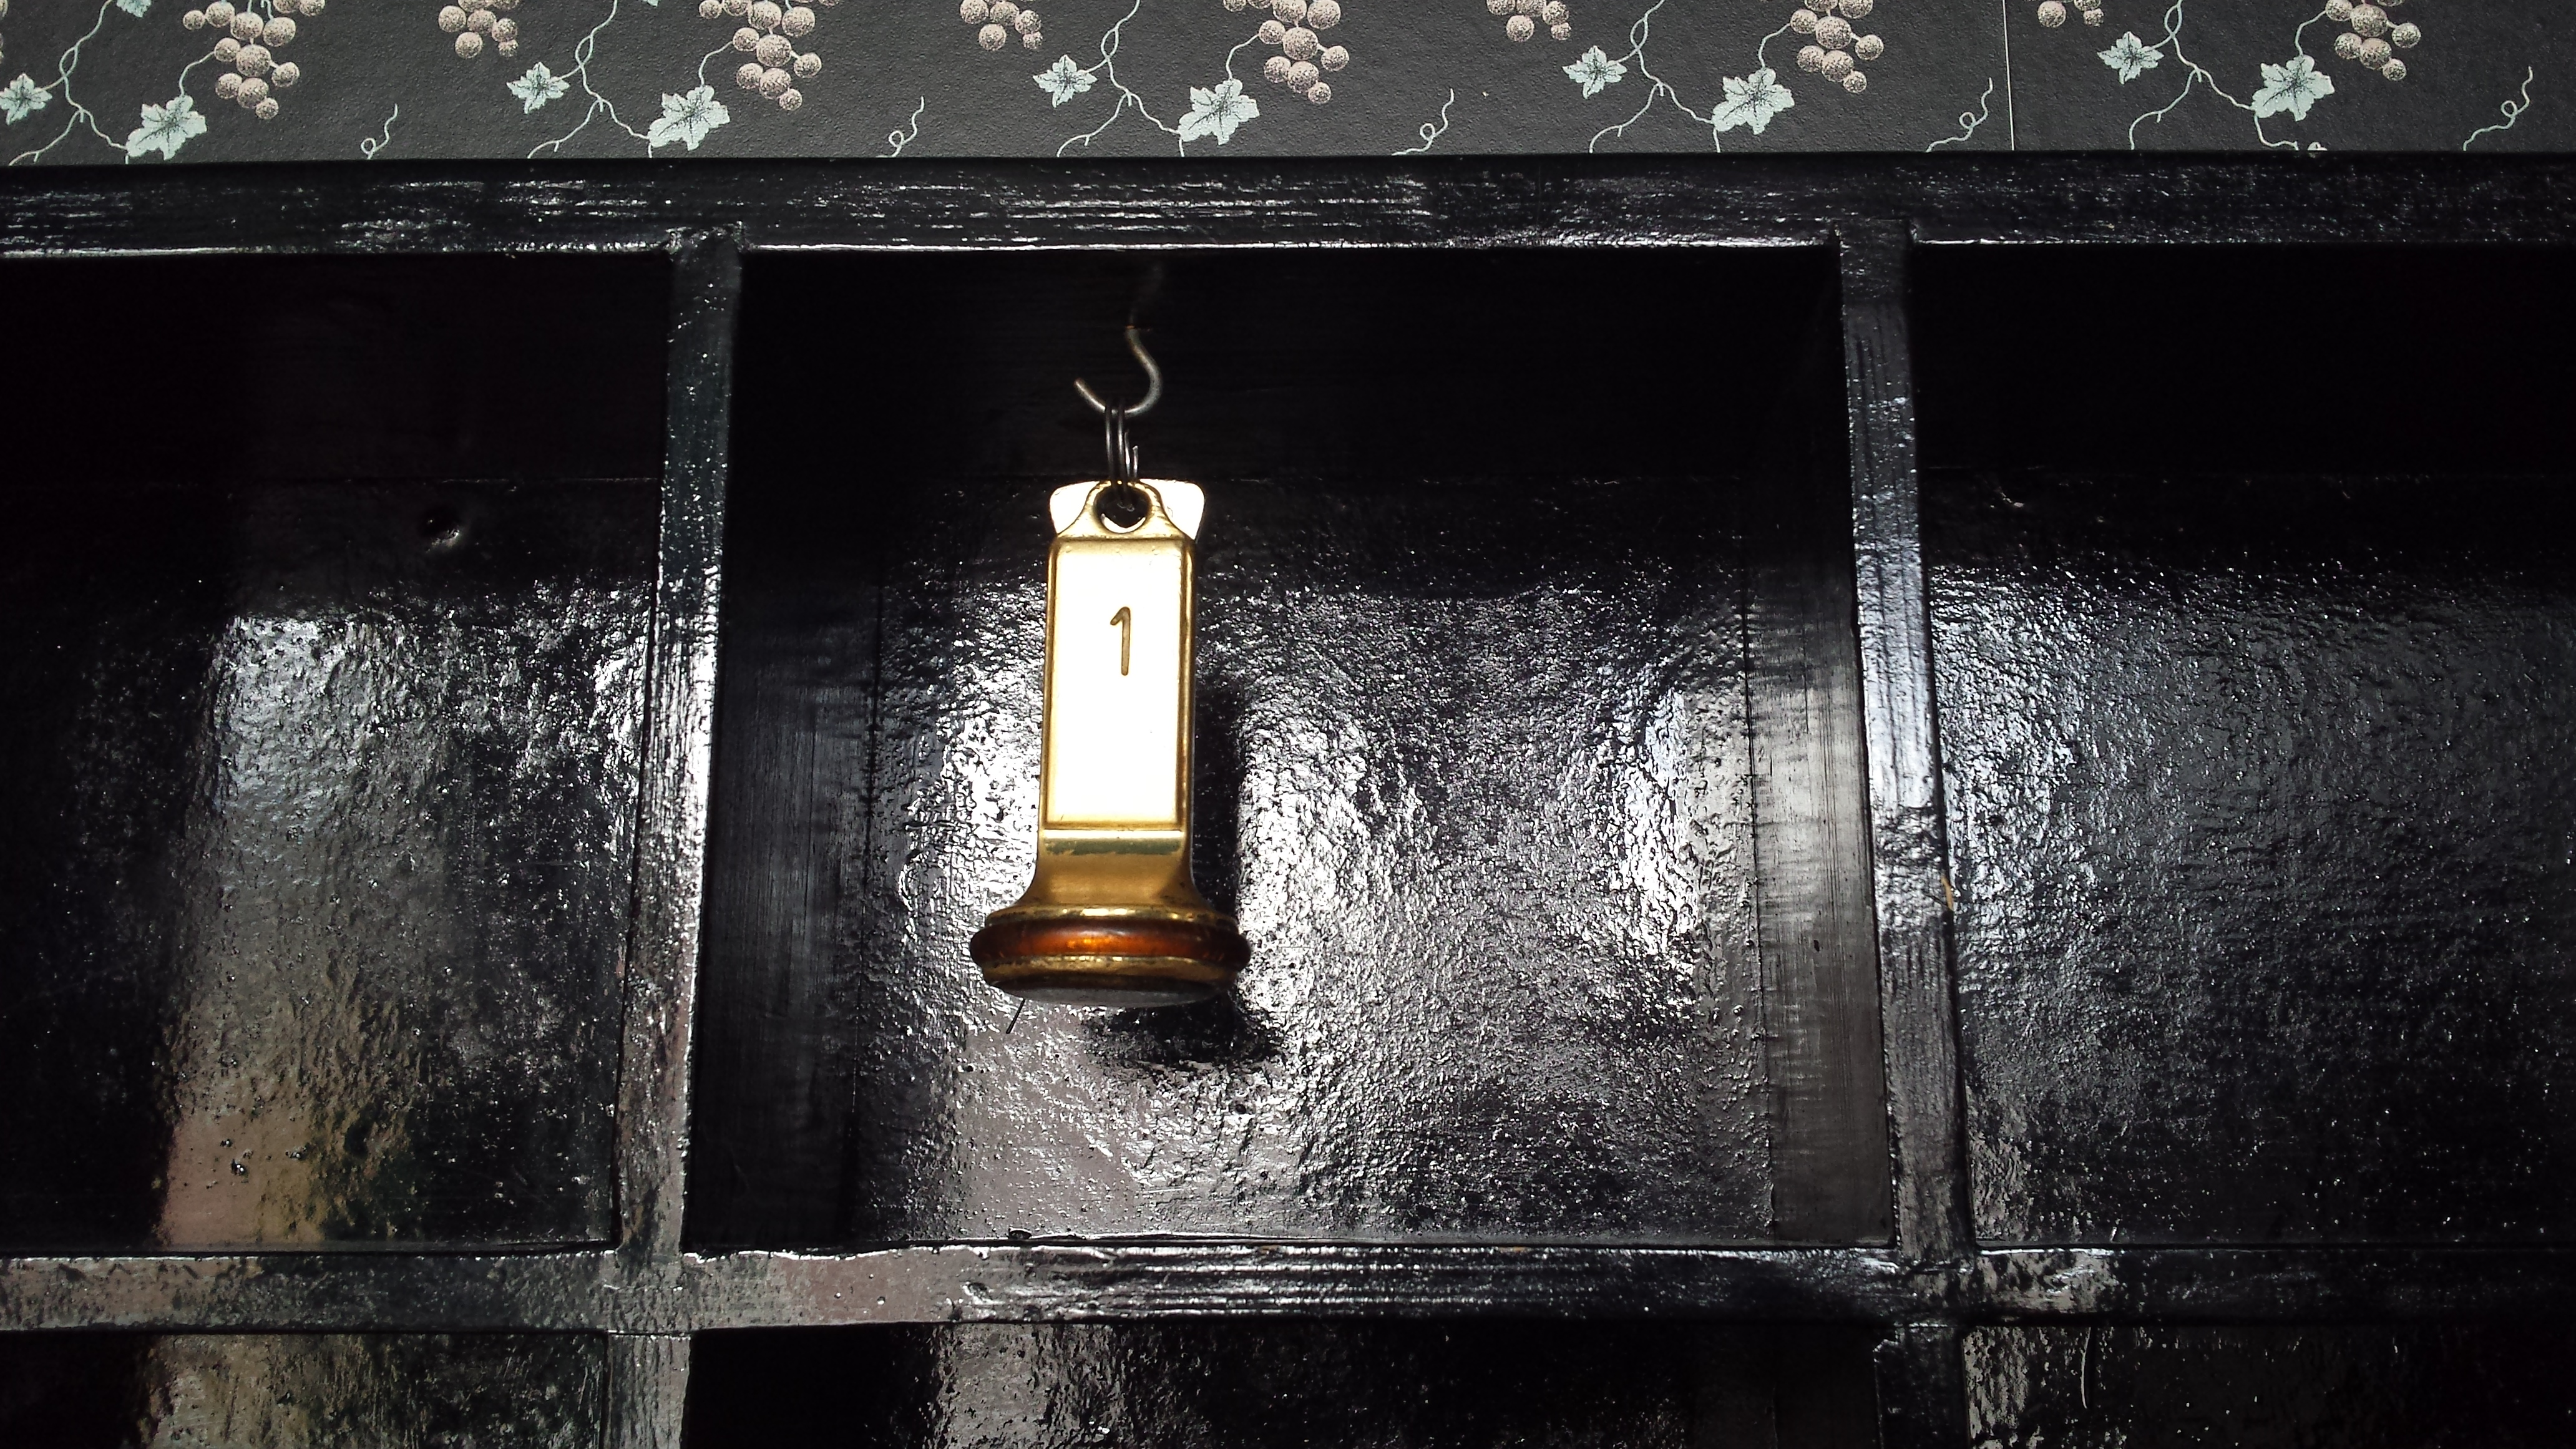 De enige sleutel van hotel De Kromme Raake.